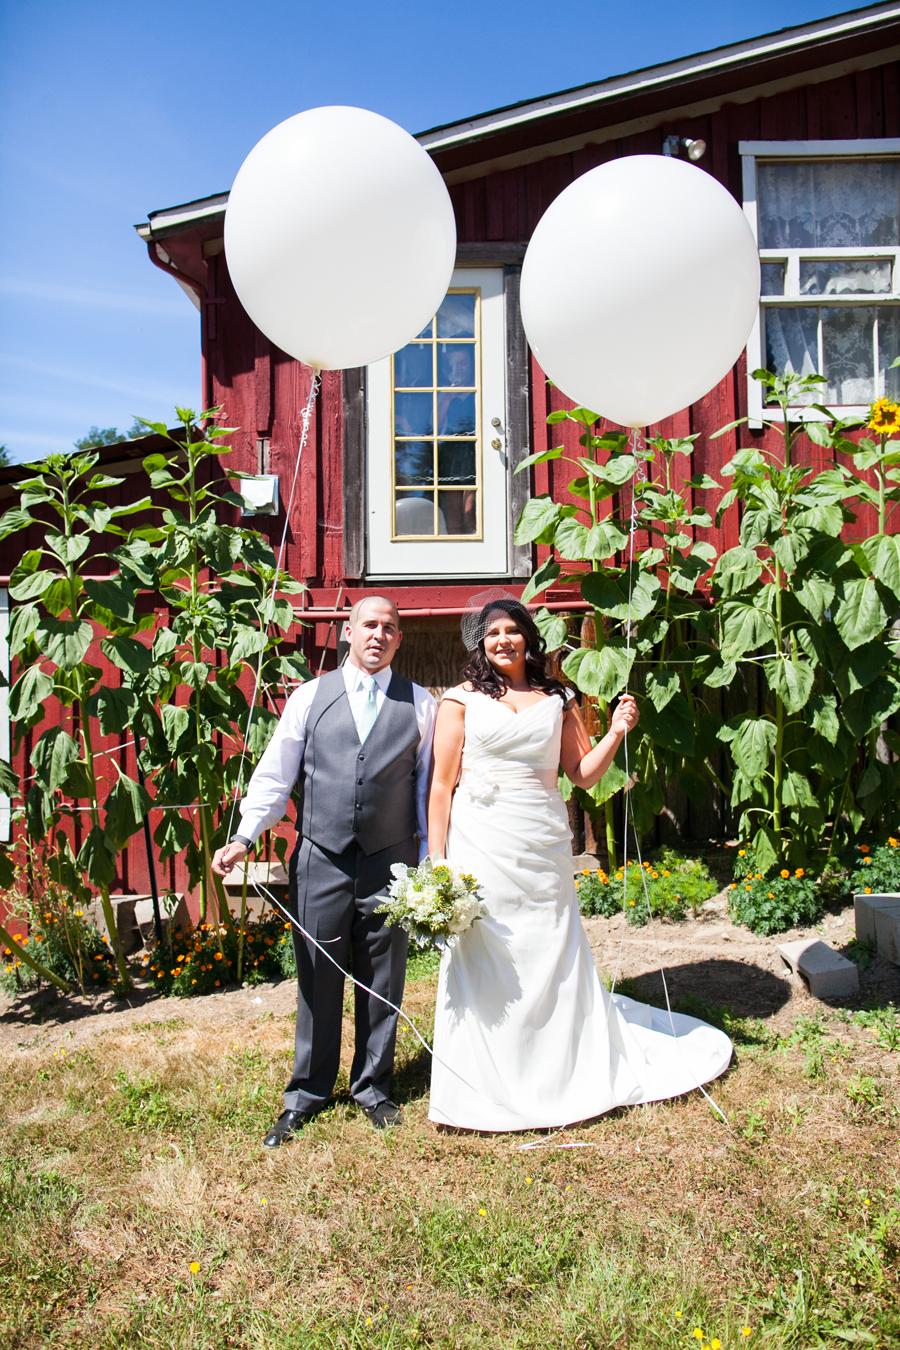 037-llama-rose-farm-wedding.jpg